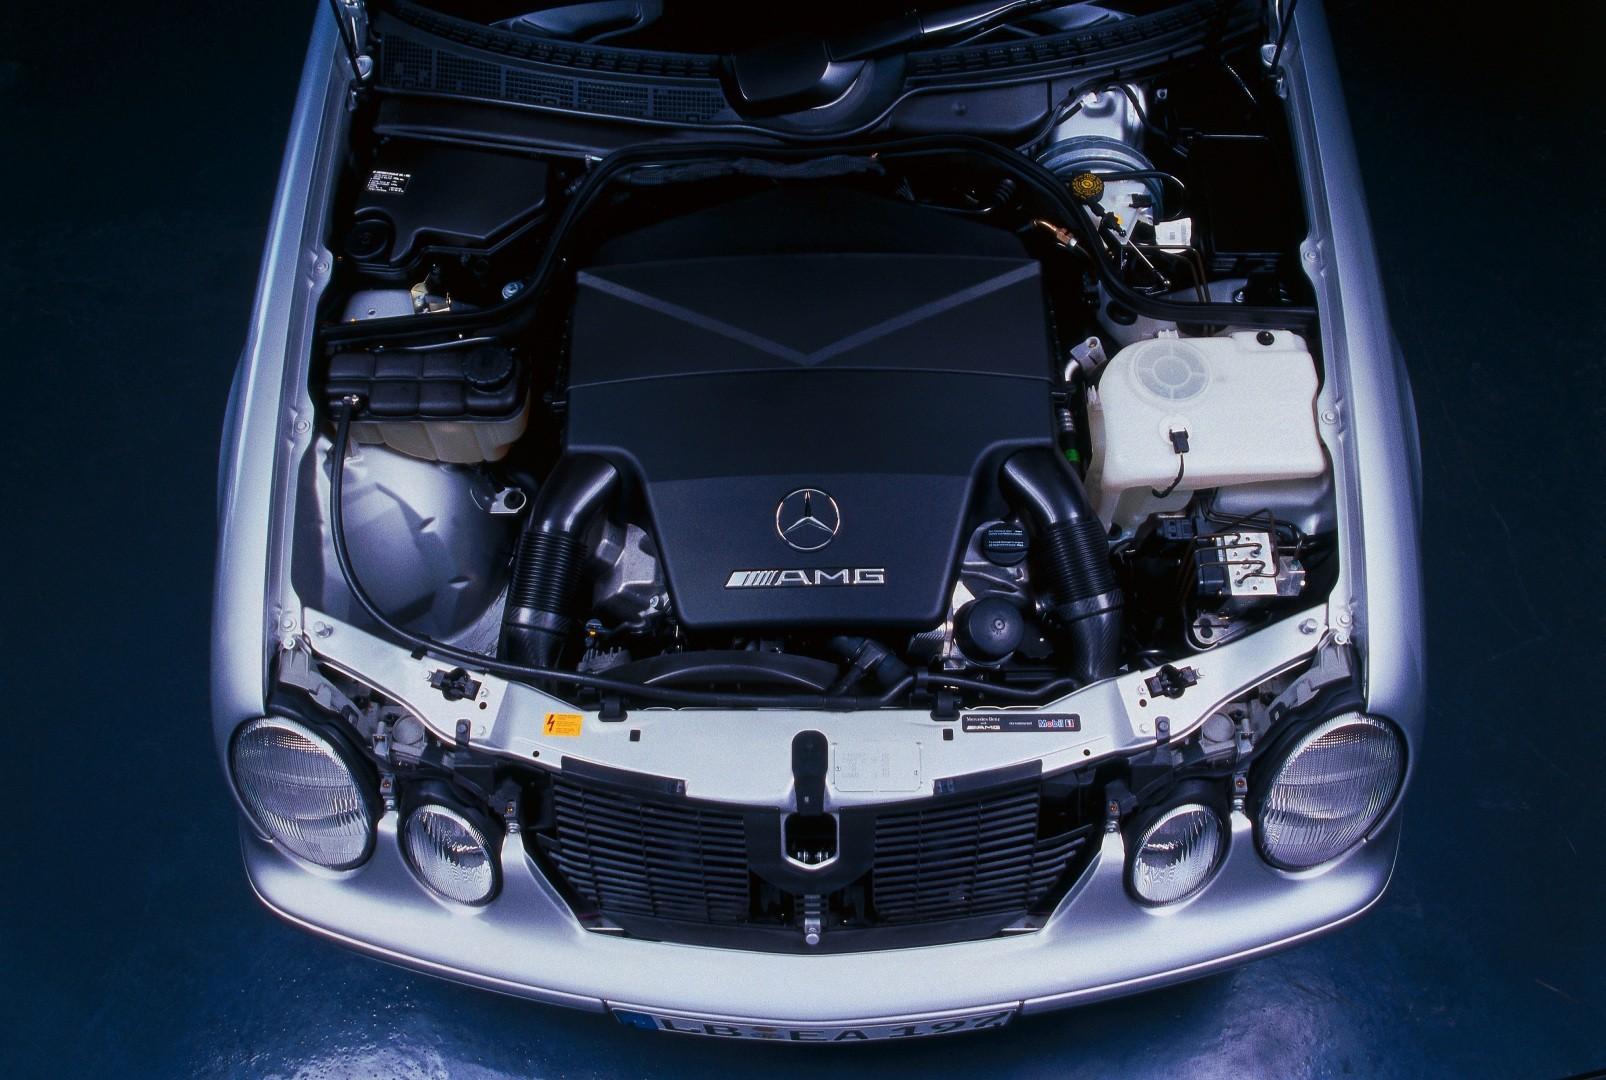 Mercedes benz clk 55 amg c208 specs 1999 2000 2001 2002 mercedes benz clk 55 amg c208 1999 2002 publicscrutiny Gallery